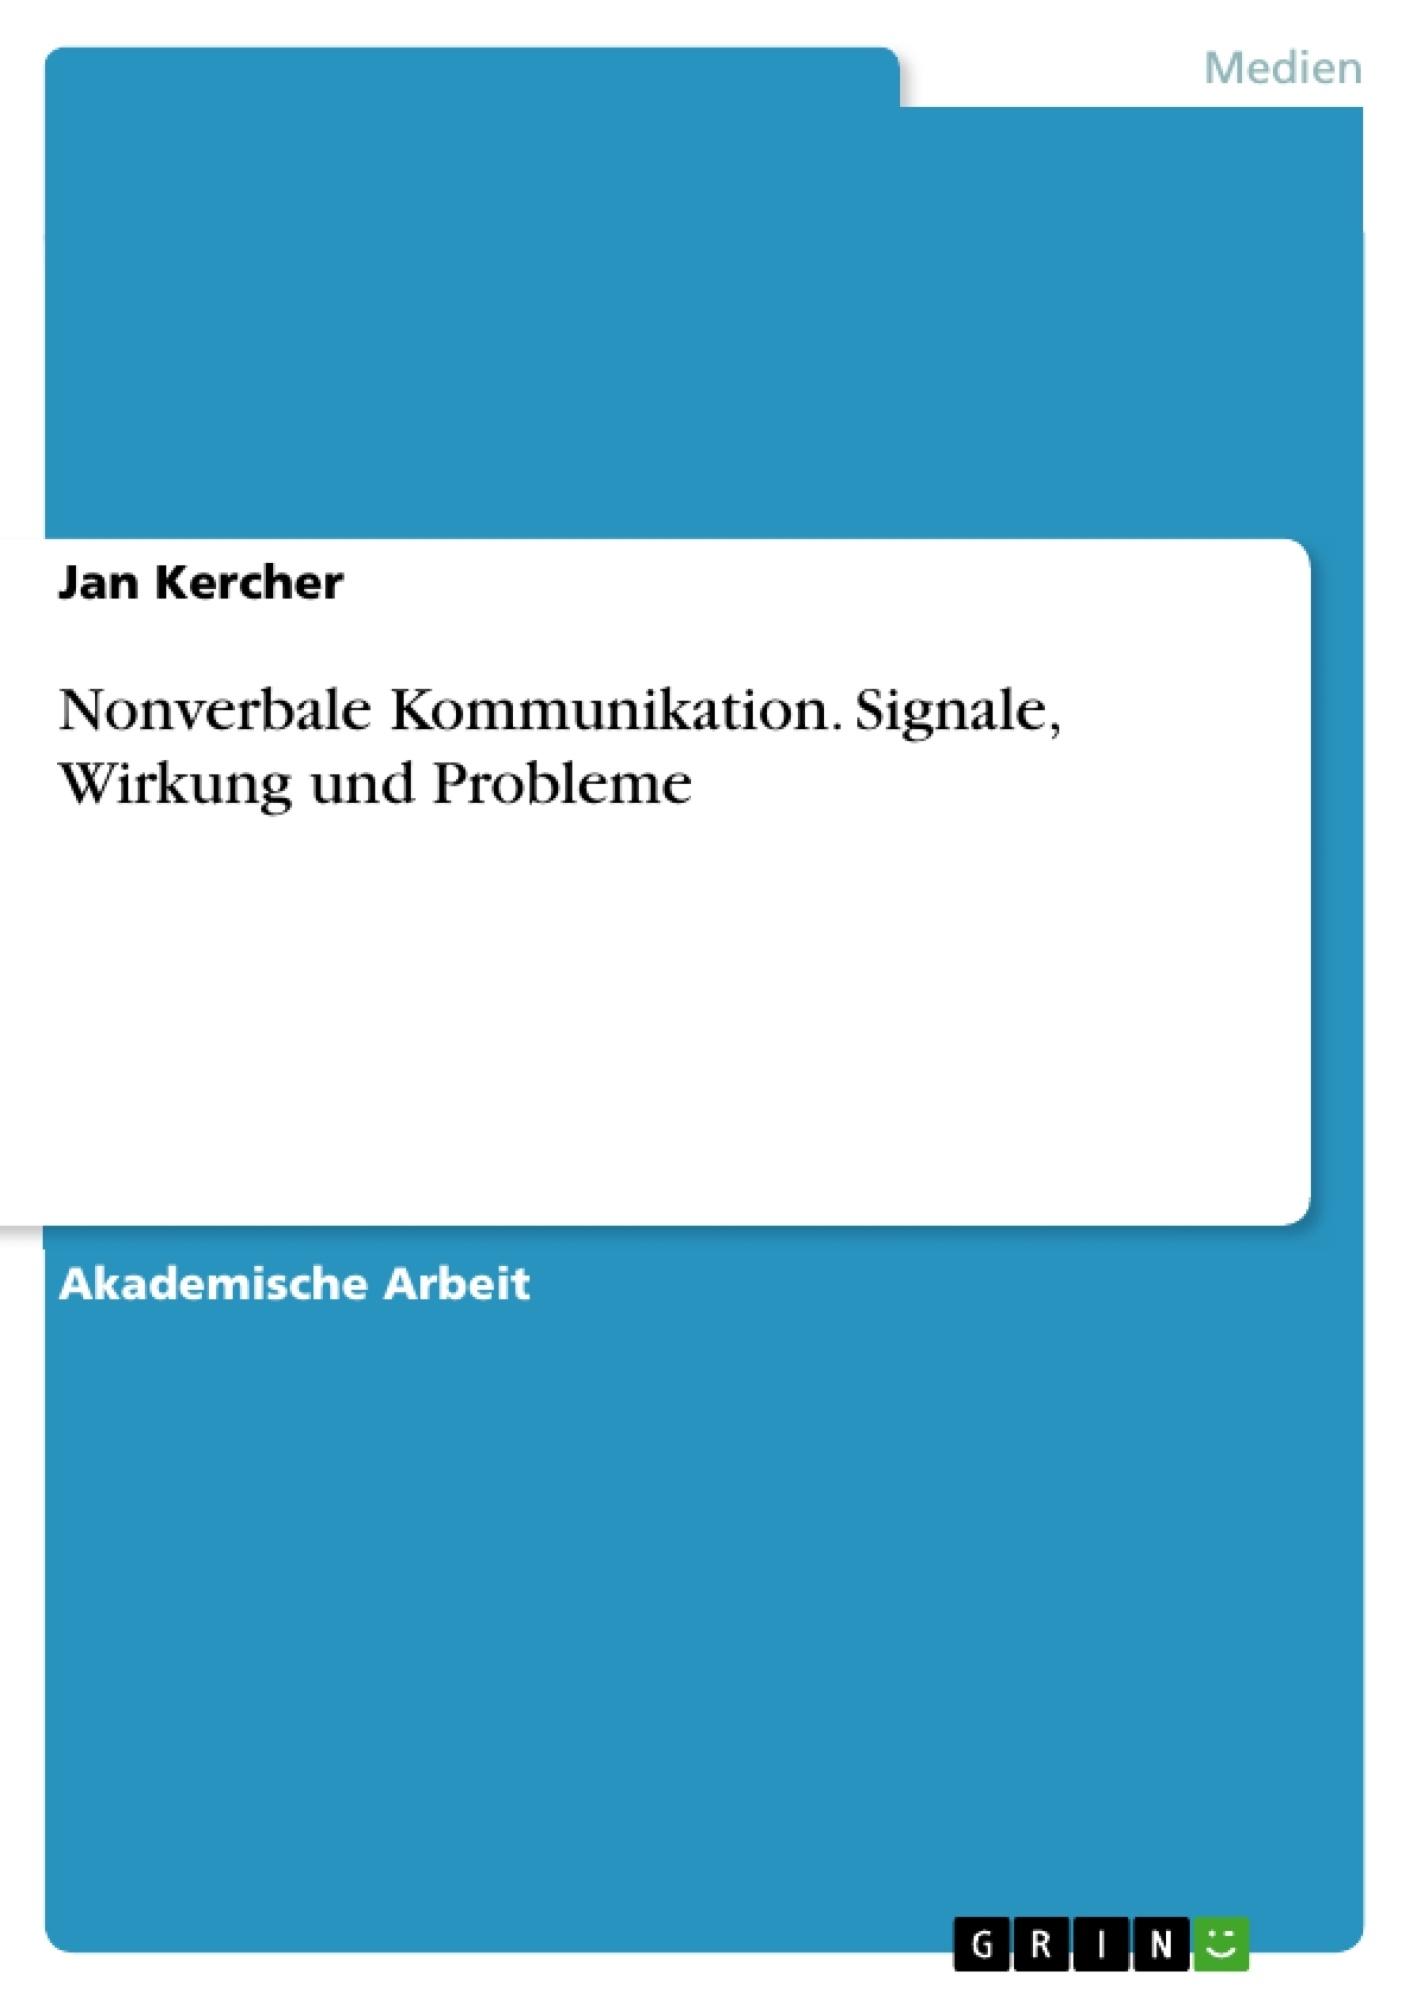 Titel: Nonverbale Kommunikation. Signale, Wirkung und Probleme